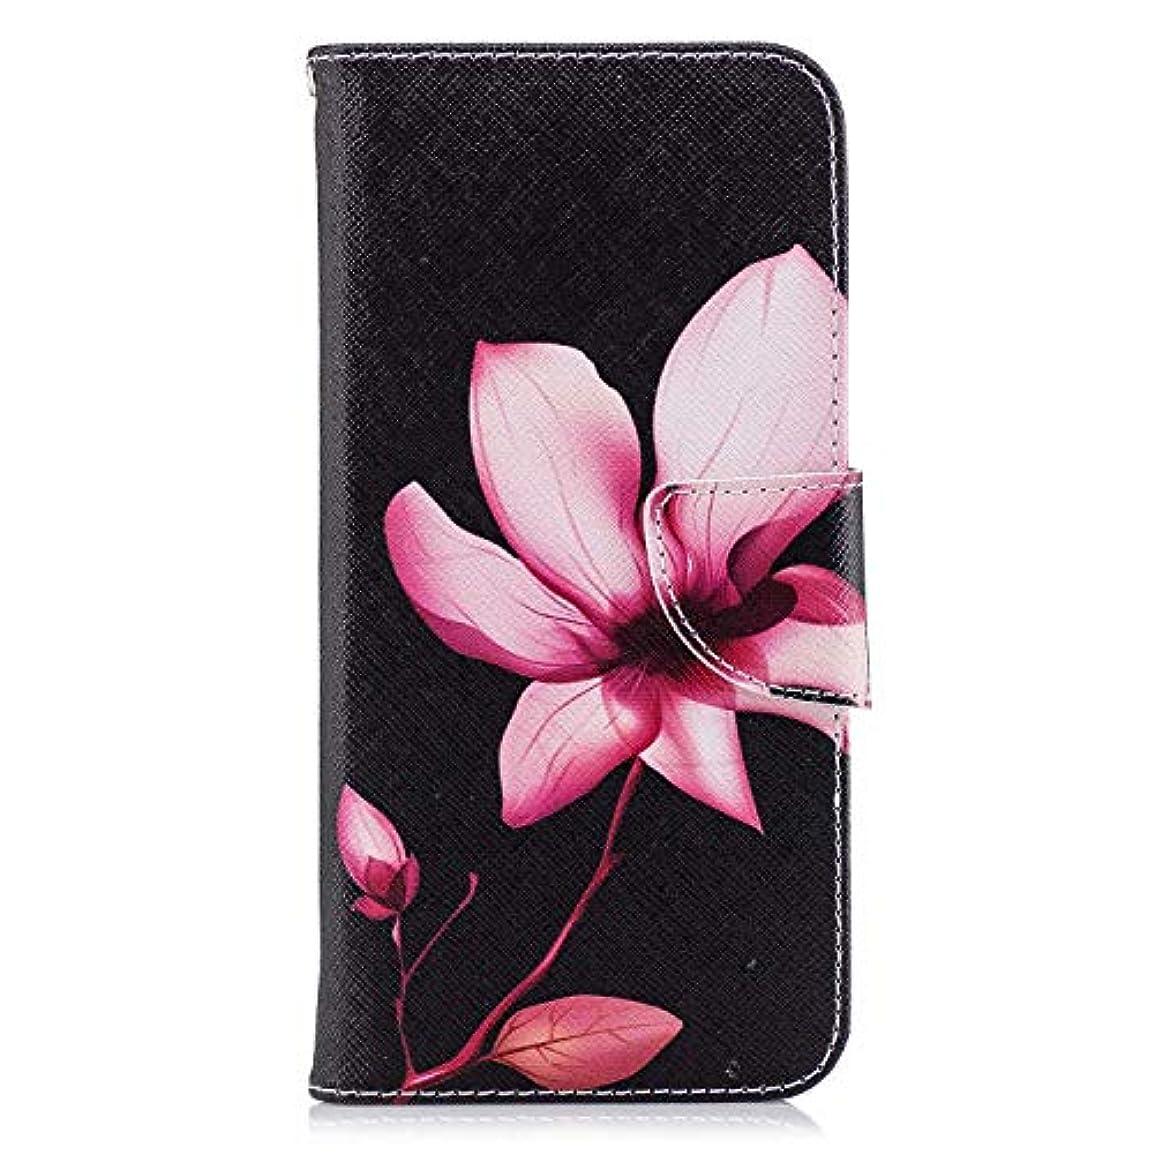 形成痛いオッズOMATENTI Huawei P Smart ケース, ファッション人気 PUレザー 手帳 軽量 電話ケース 耐衝撃性 落下防止 薄型 スマホケースザー 付きスタンド機能, マグネット開閉式 そしてカード収納 Huawei P Smart 用 Case Cover, 花